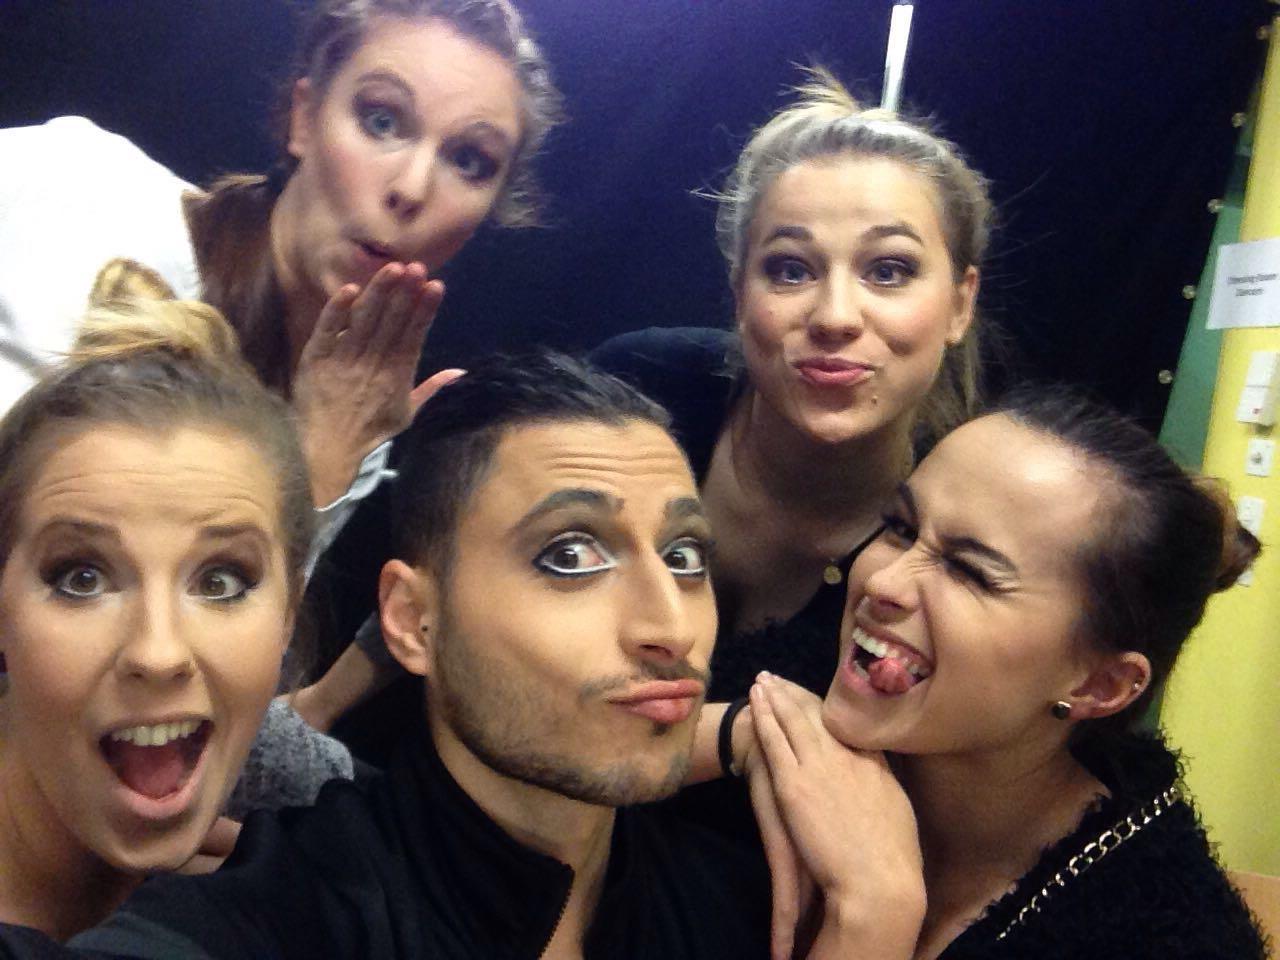 Our actors/dancers